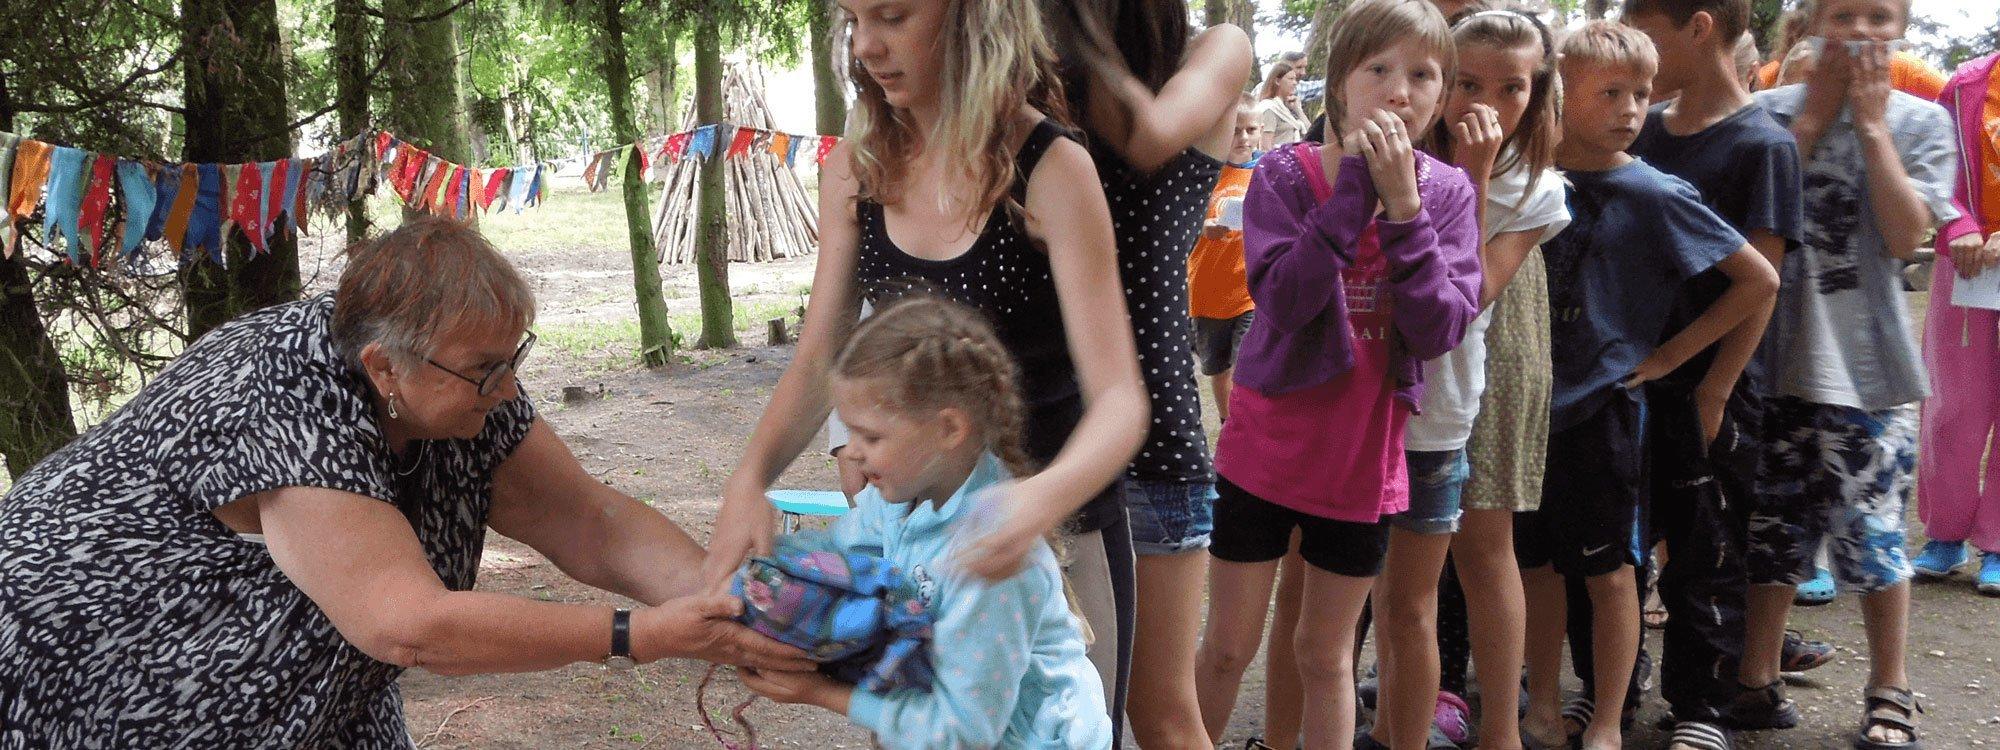 En kö med barn som får gåvor på ett läger